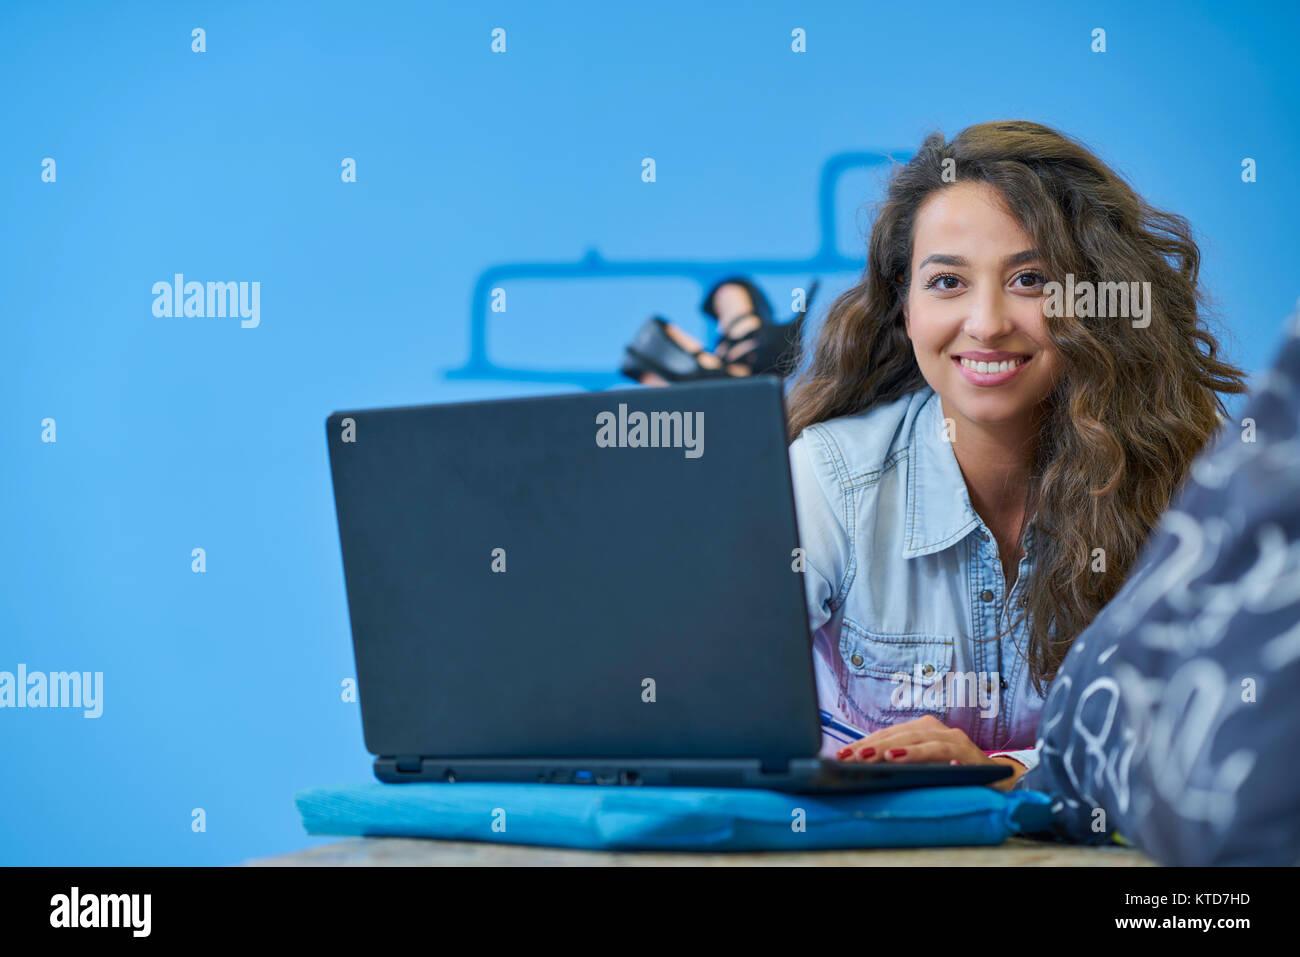 Startup-Unternehmen, Software-Entwickler arbeiten an Computer im modernen Büro Stockbild